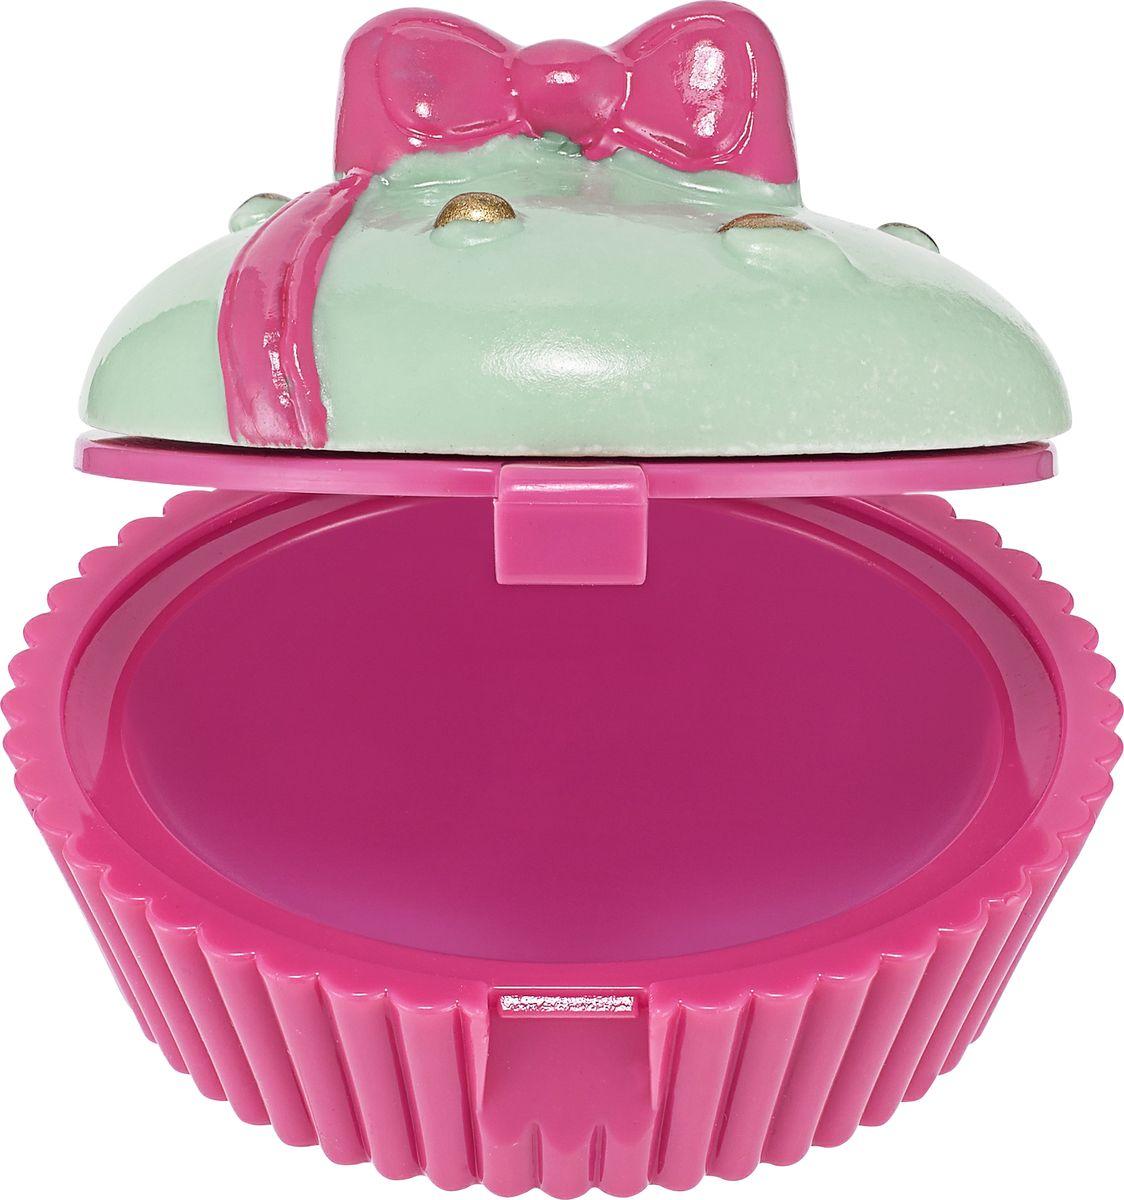 Holika Holika Бальзам для губ Дессерт тайм, тон 02, розовое пирожное, 7 гSC-FM201046644 Holika Holika Dessert Time Lip Balm AD02 (Pink Cup Cake) Бальзам для губ Время десерта (Розовое пирожное).